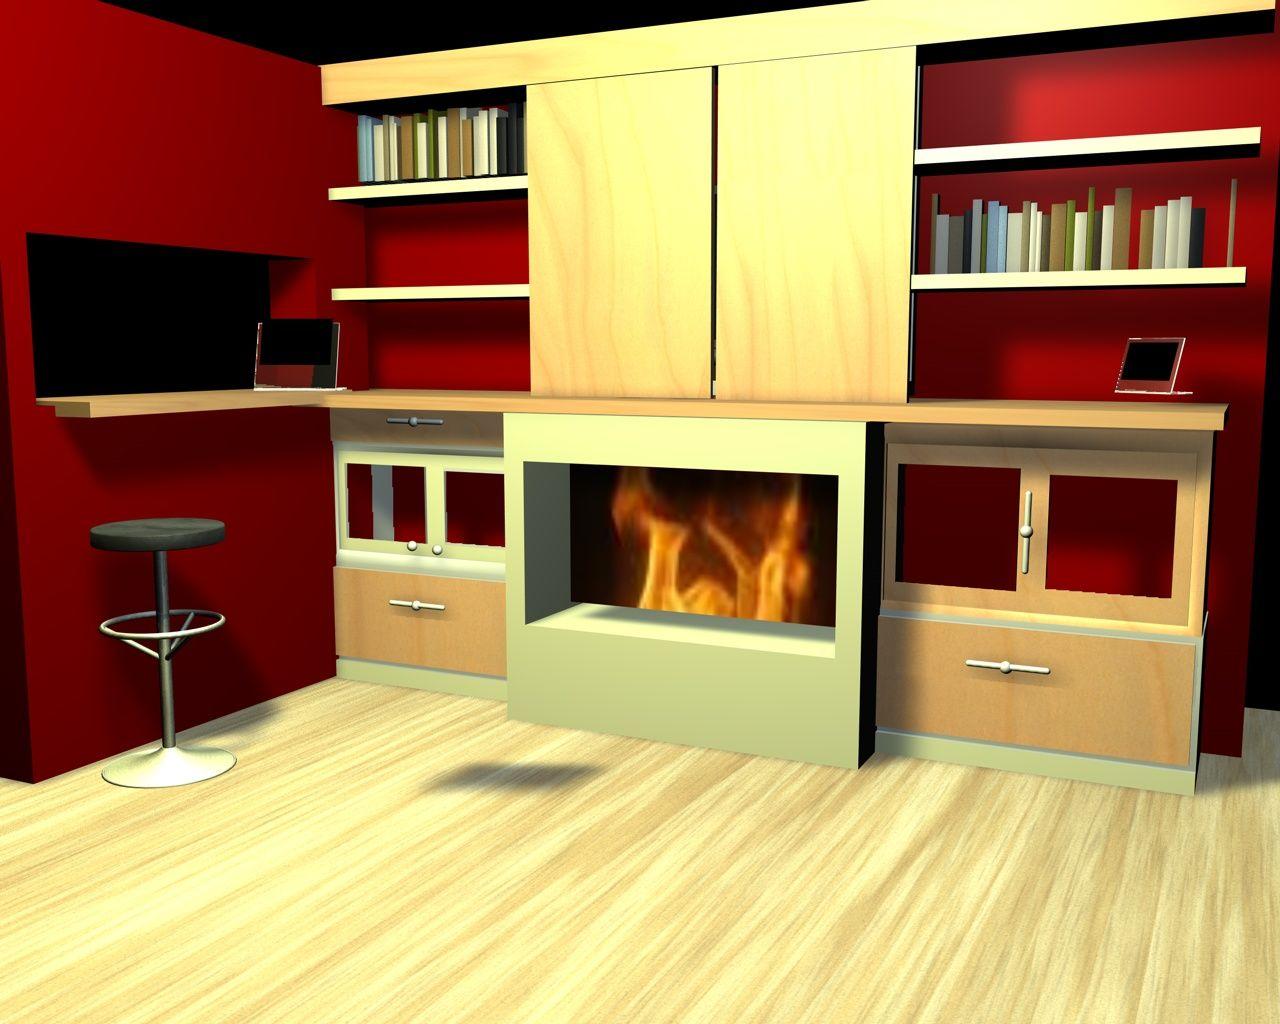 Dise o de mueble para salon con chimenea y television - Salon con chimenea ...